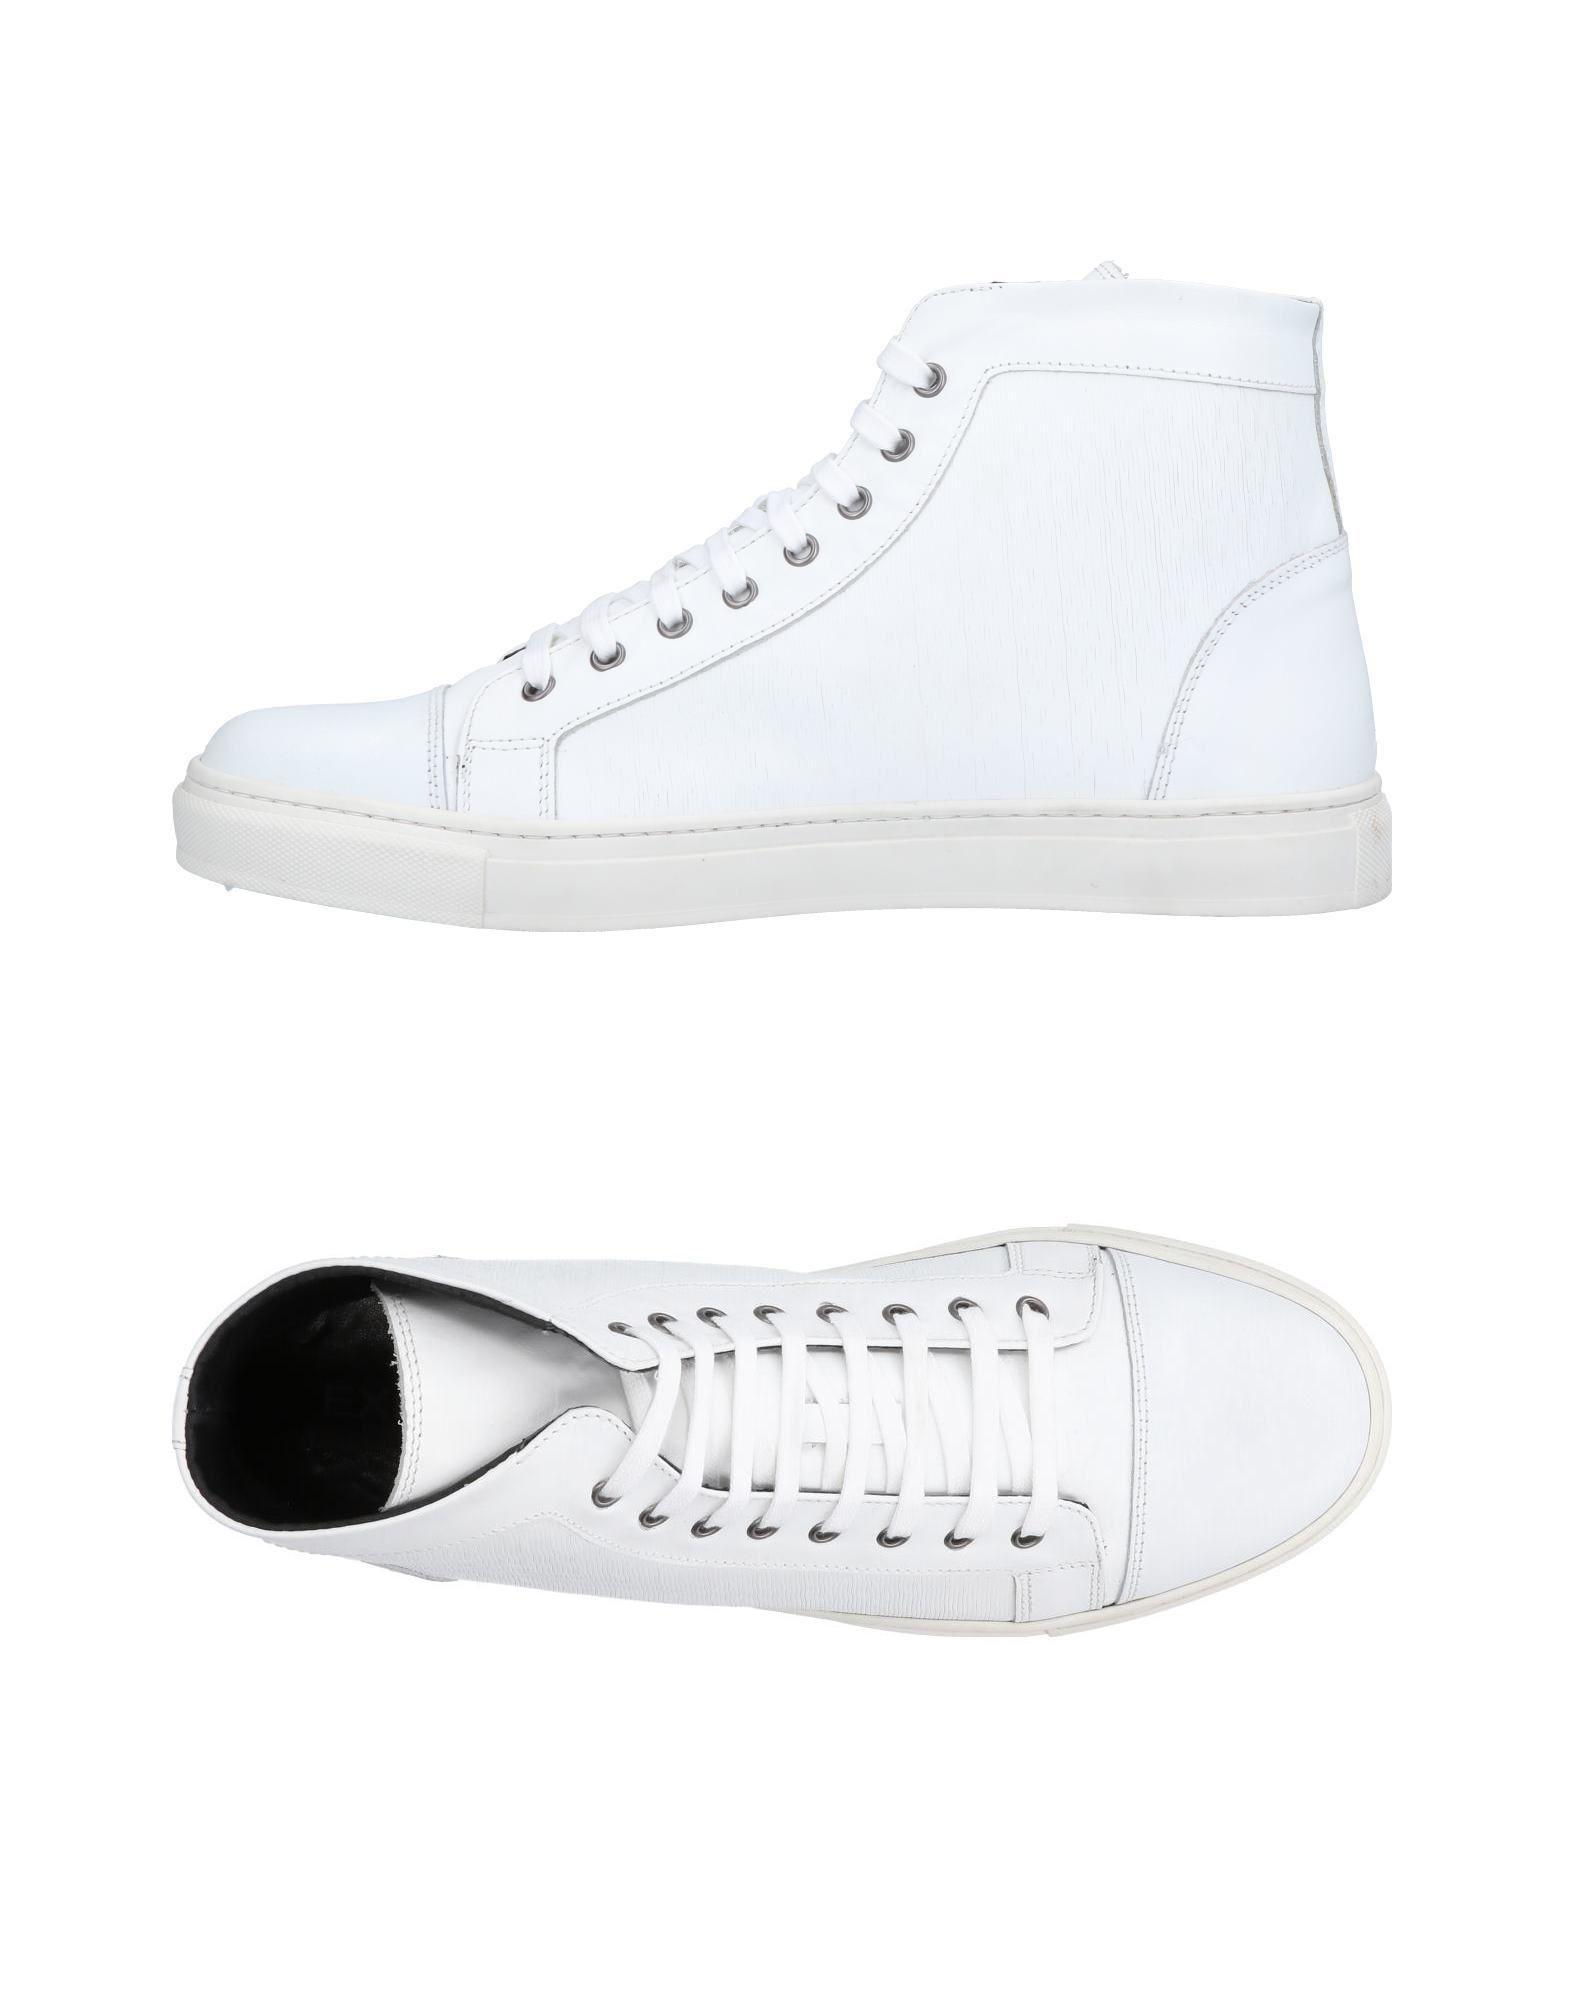 Sneakers Exibit Uomo - 11464947XW Scarpe economiche e buone